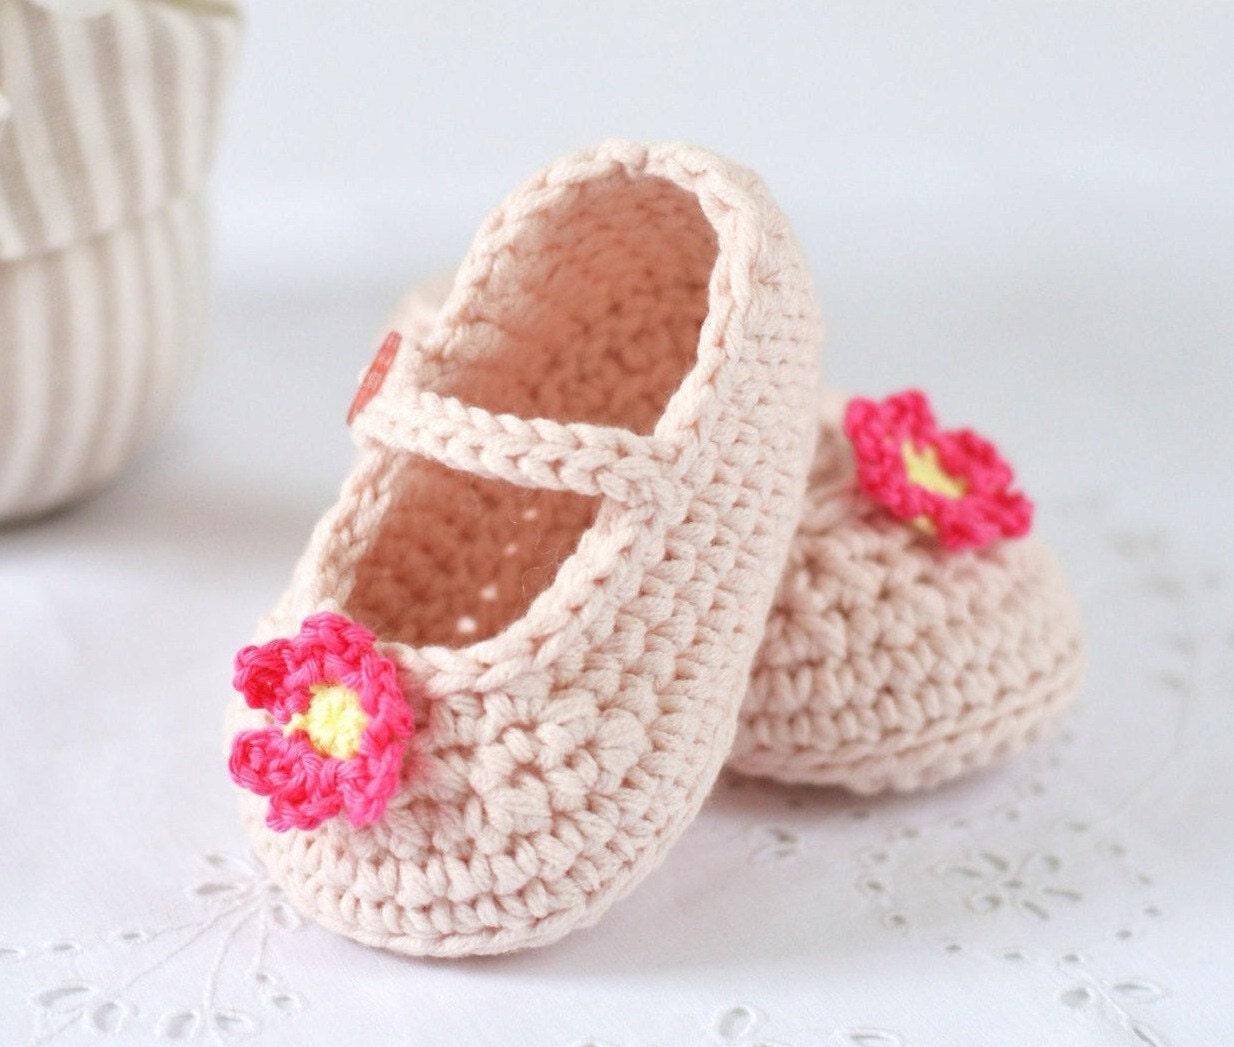 CROCHET PATTERN Baby Shoes Mary Janes Crochet Pattern in 3